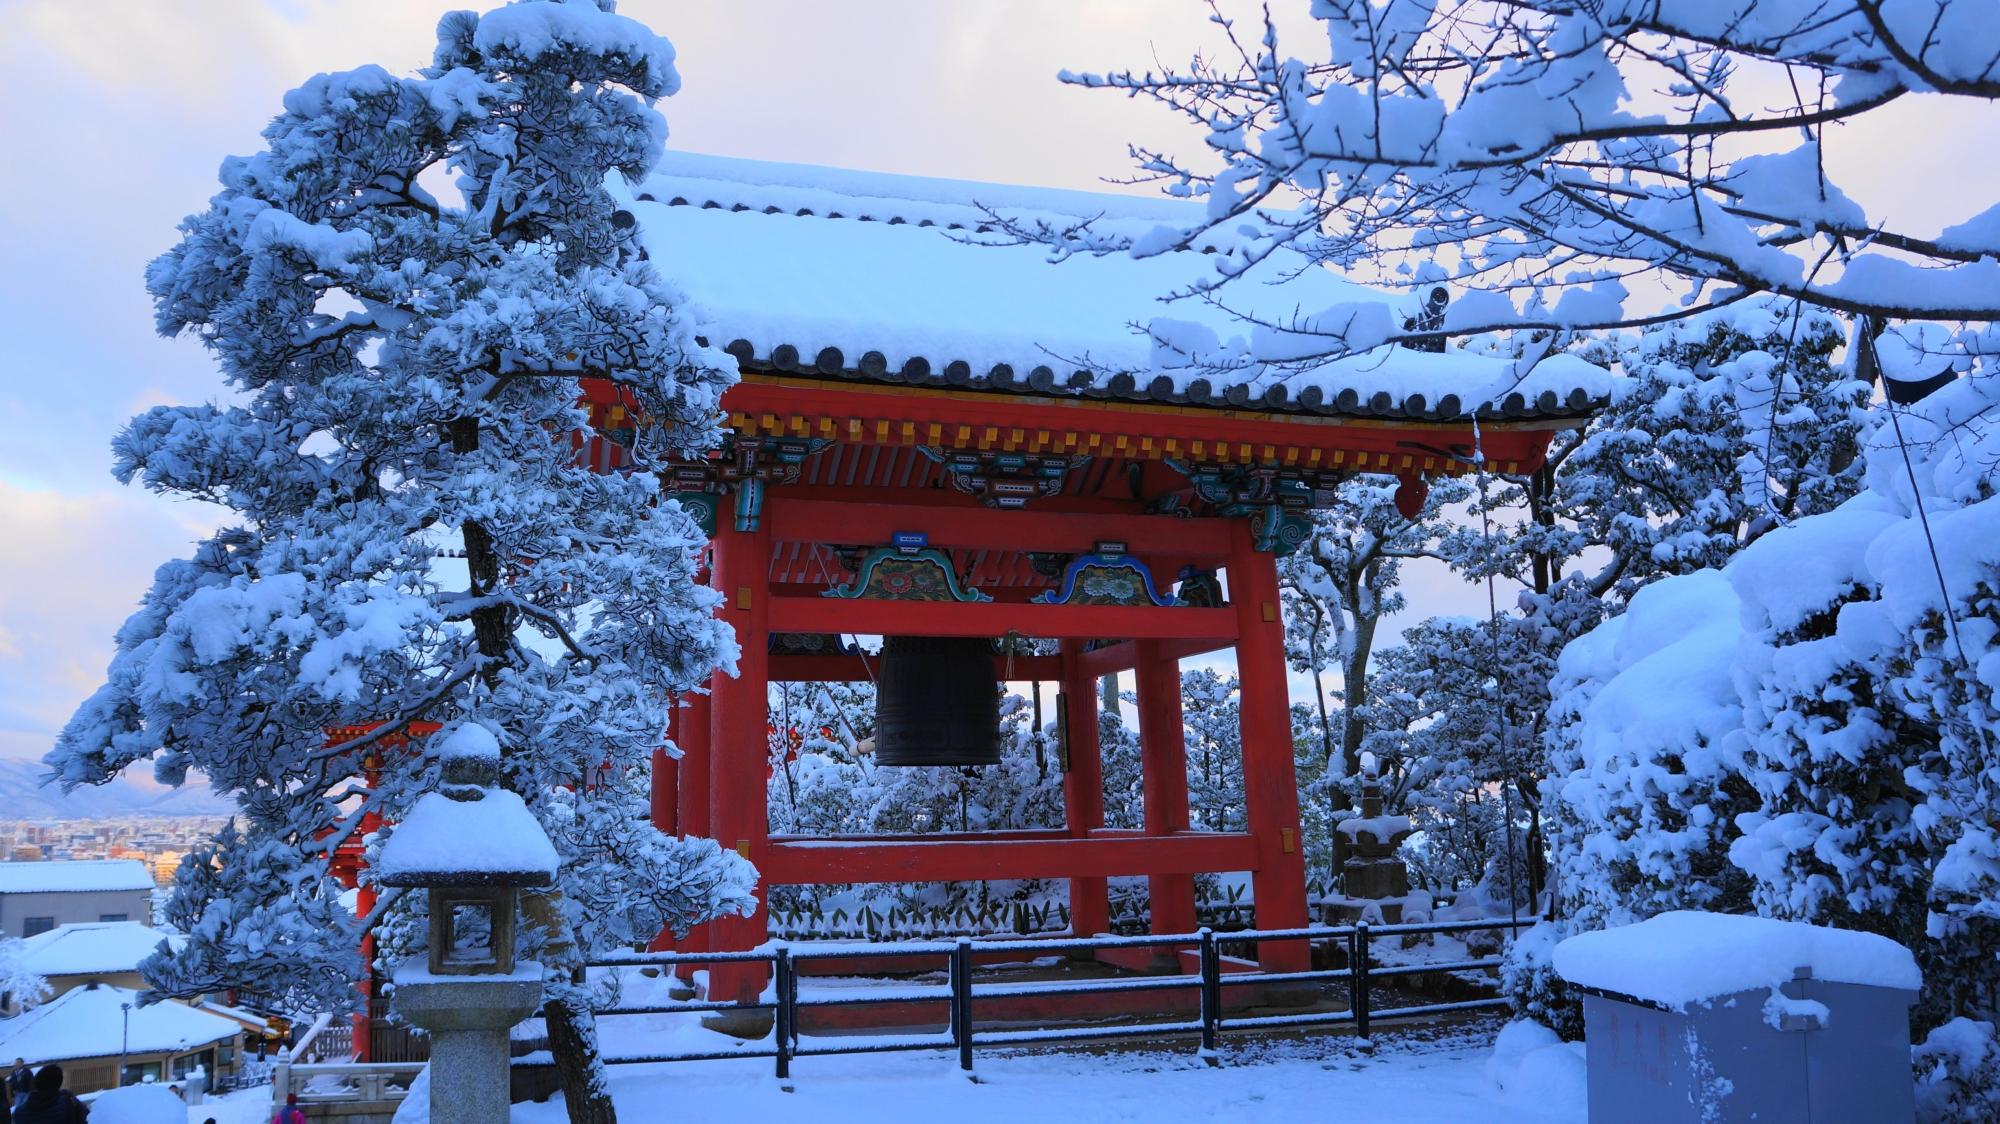 清水寺の鐘楼の雪景色